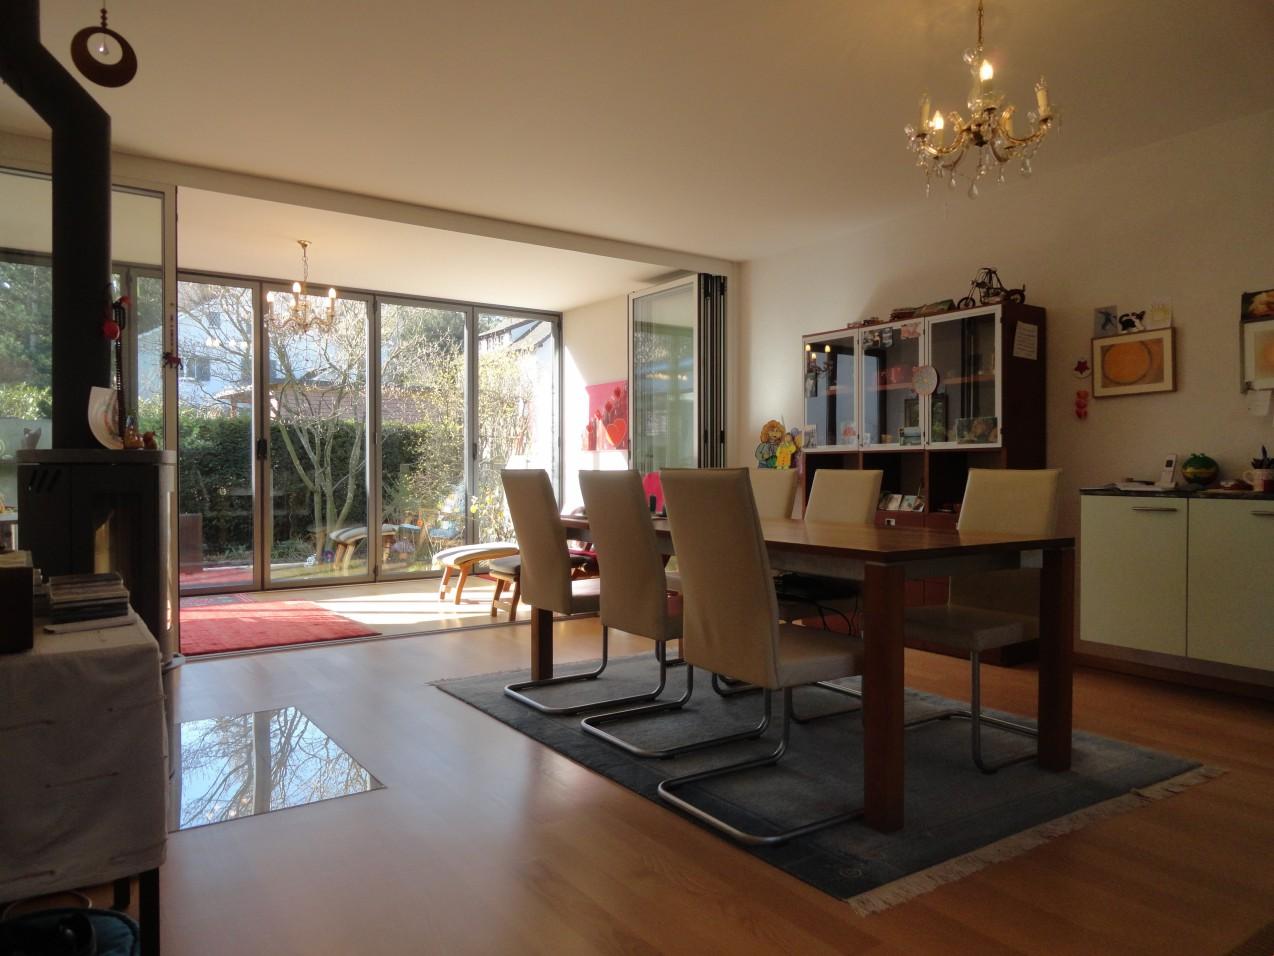 Modernes Haus Mit Garten. Affordable Modernes Haus Mit Pool Und ...